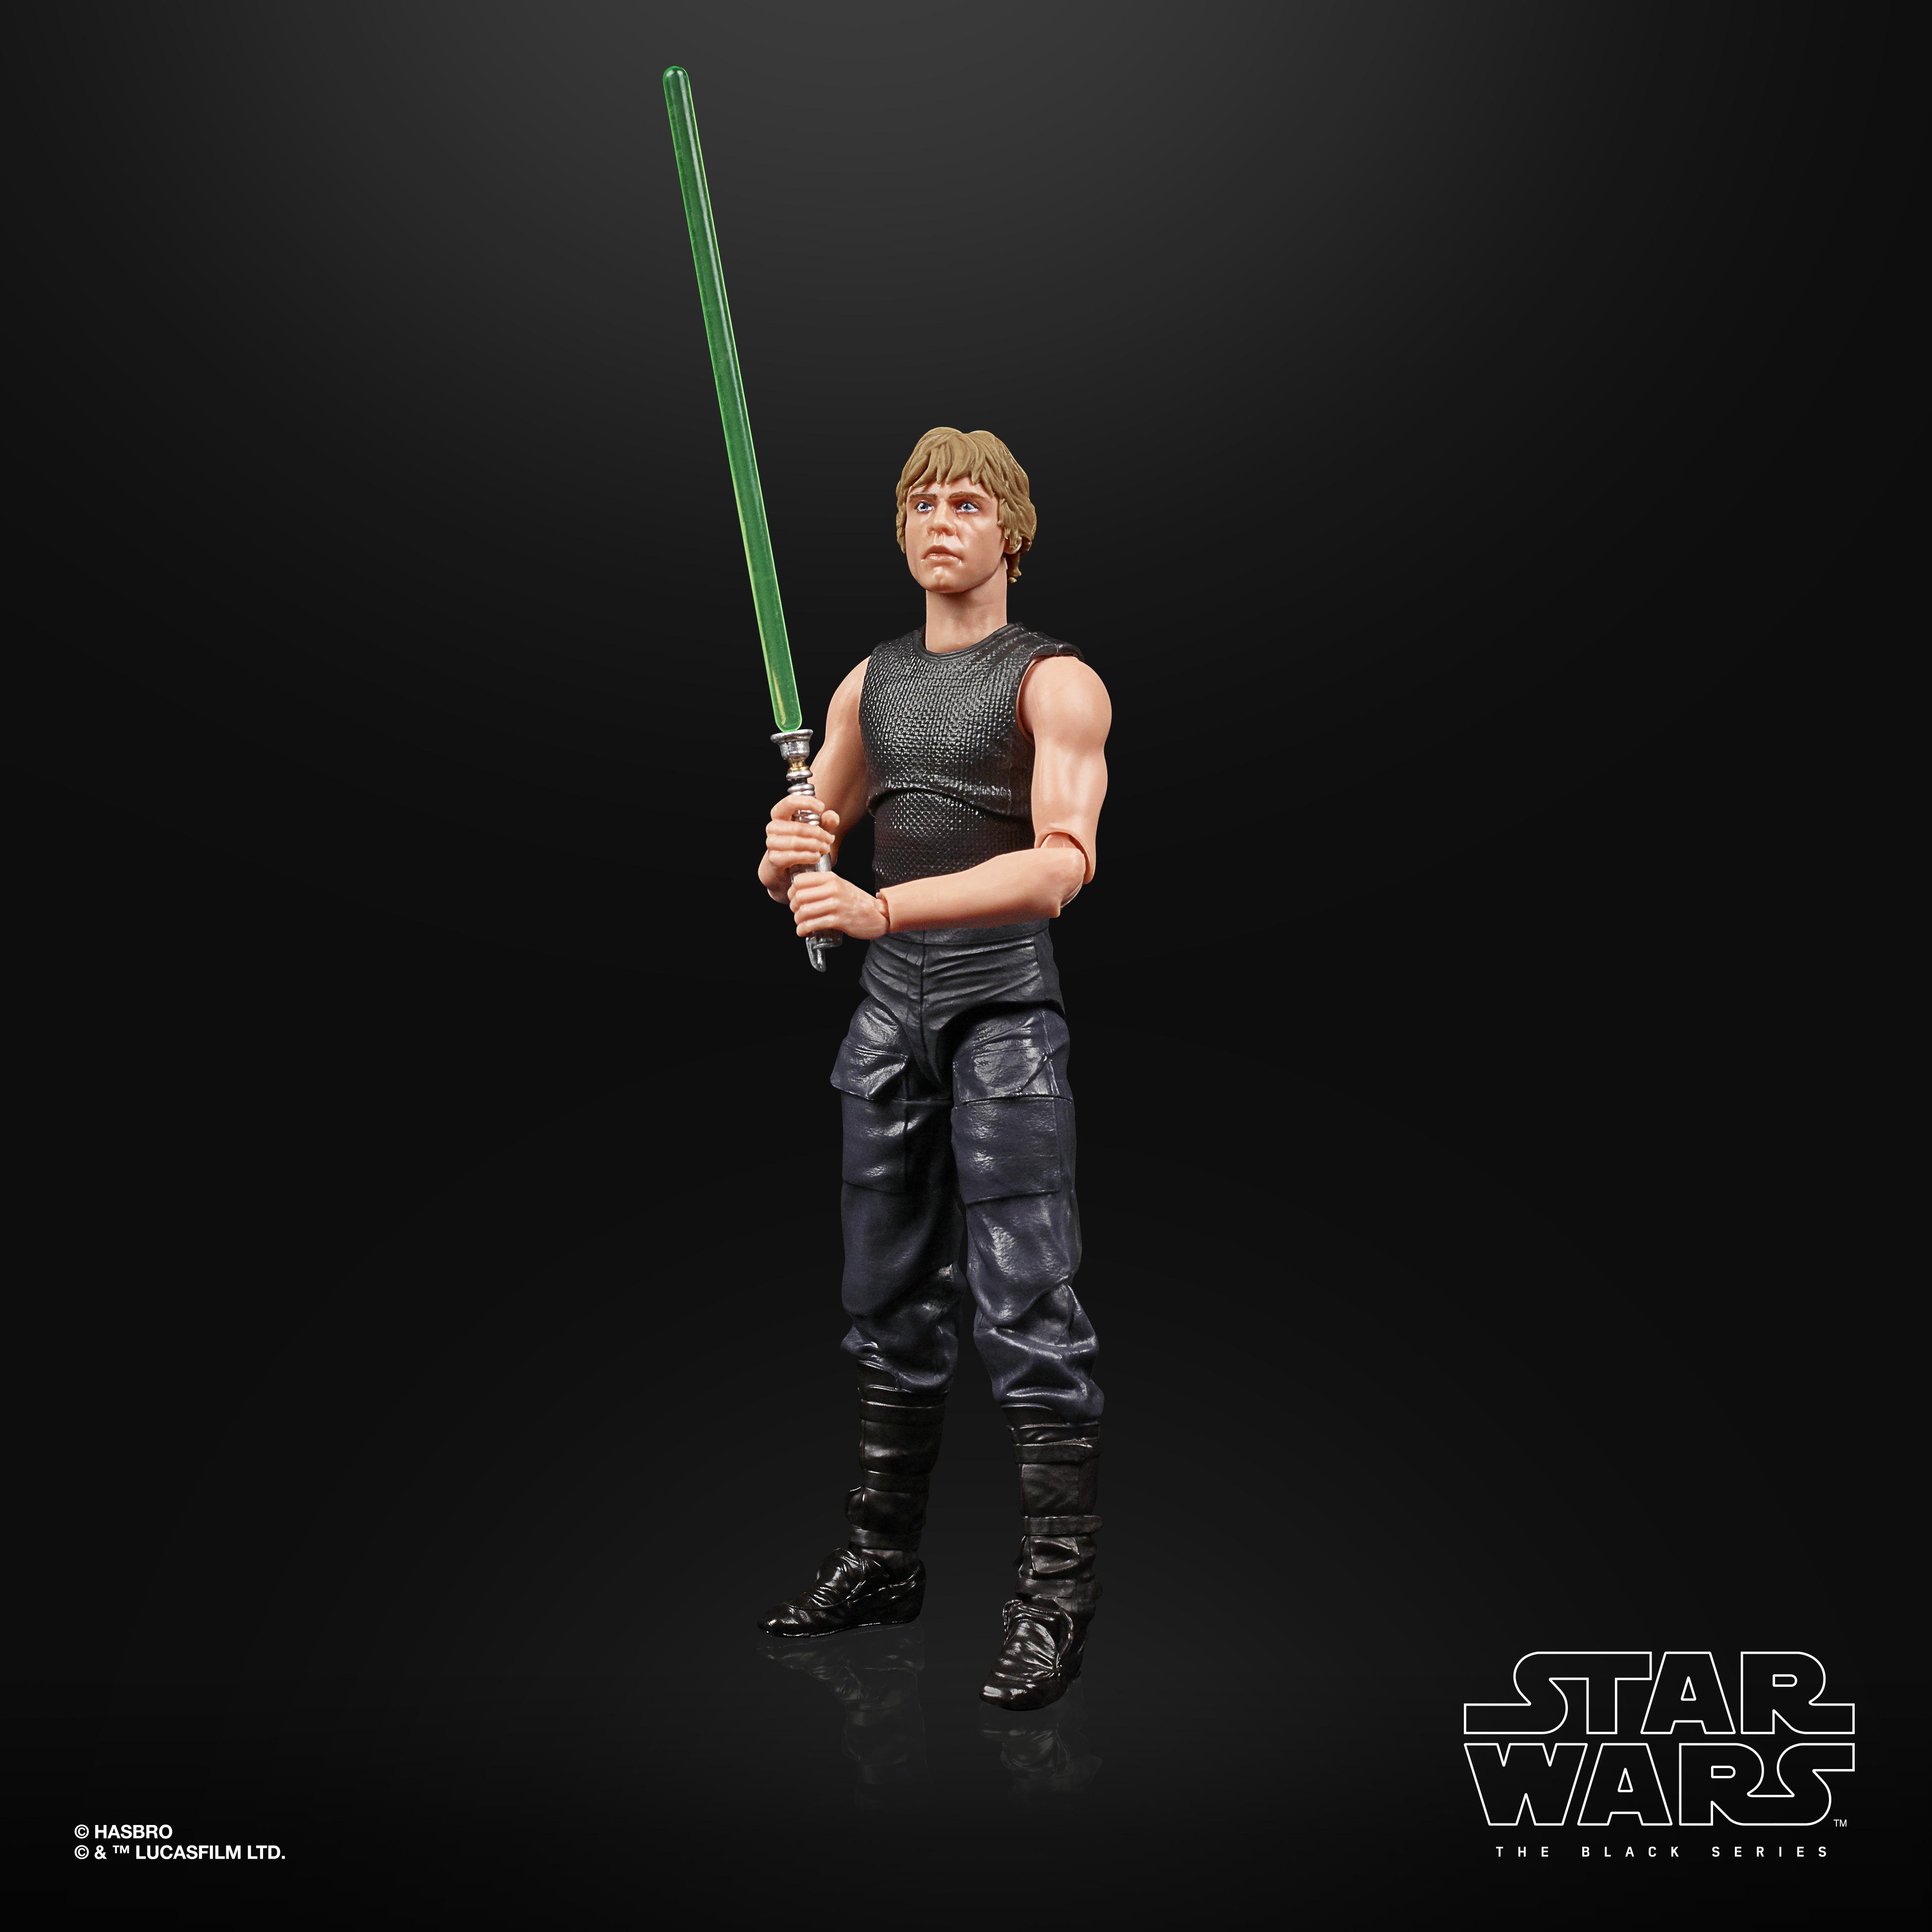 Star Wars The Black Series Luke Skywalker & Ysalamiri LUCASFILM 50TH ANNIVERSARY FIGURE F30065L00 5010993872817